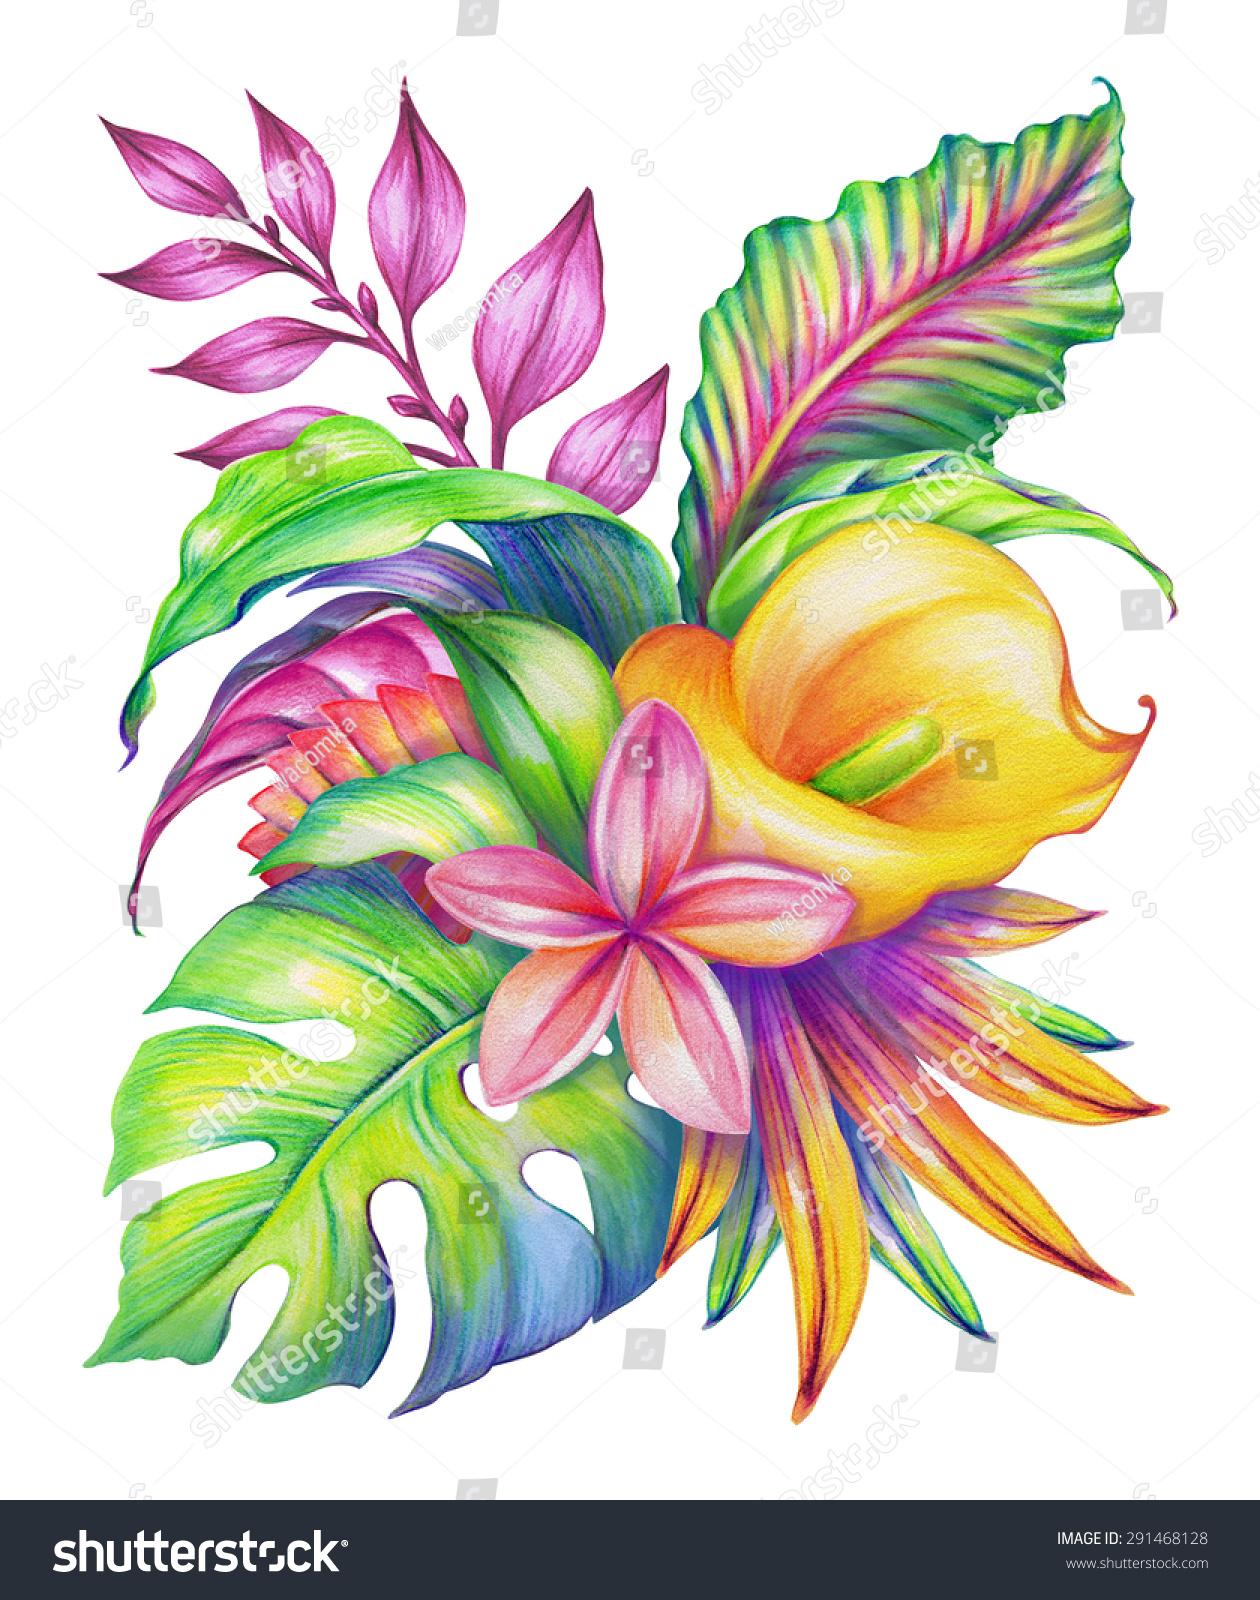 热带花卉安排,外来植物的气味,水彩插图孤立在白色背景